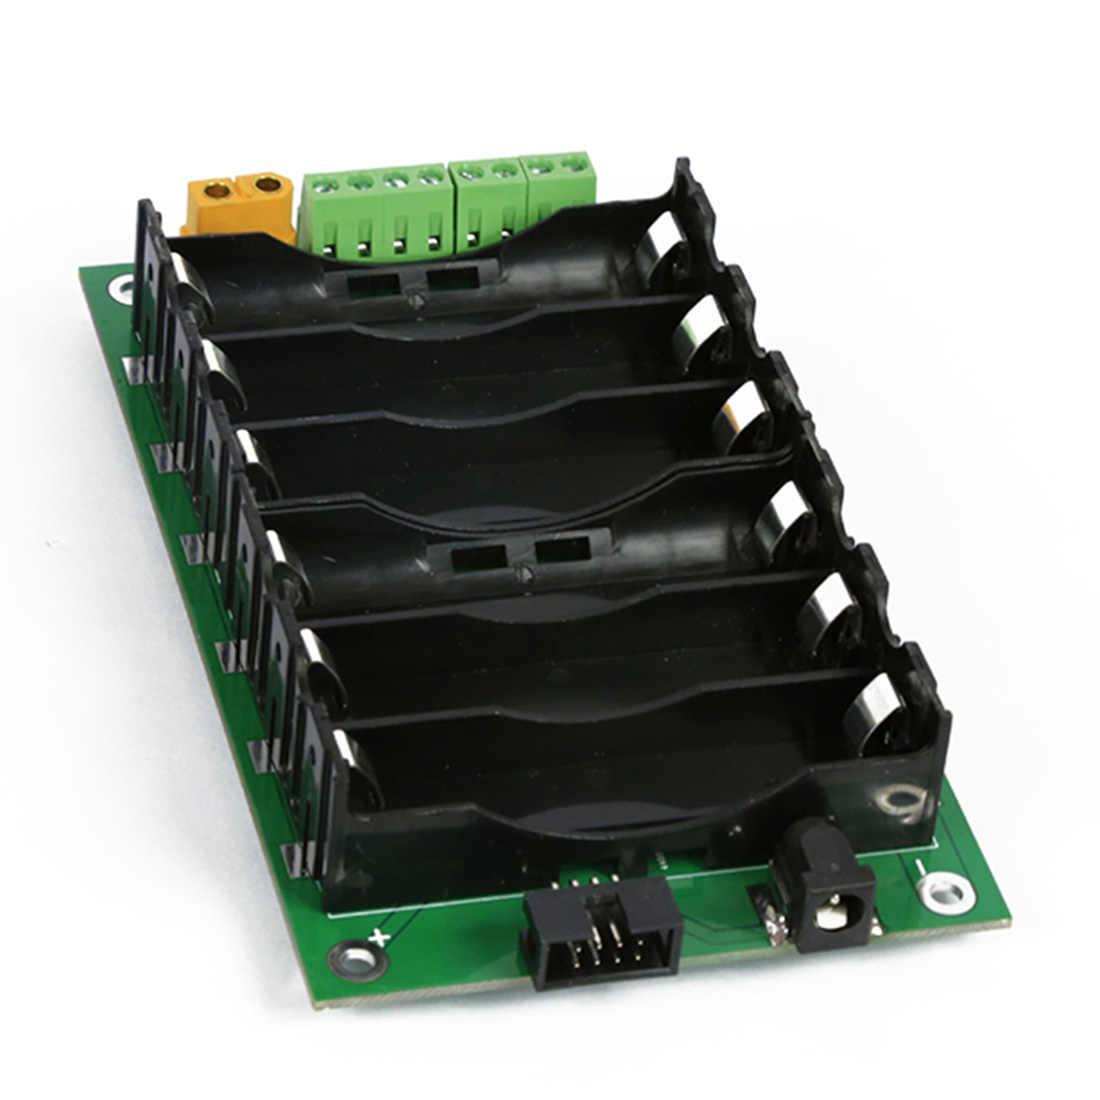 18650 배터리 박스 3S2P 배터리 팩 보호 보드가없는 Bms 배터리 홀더 Diy 프로그래밍 액세서리